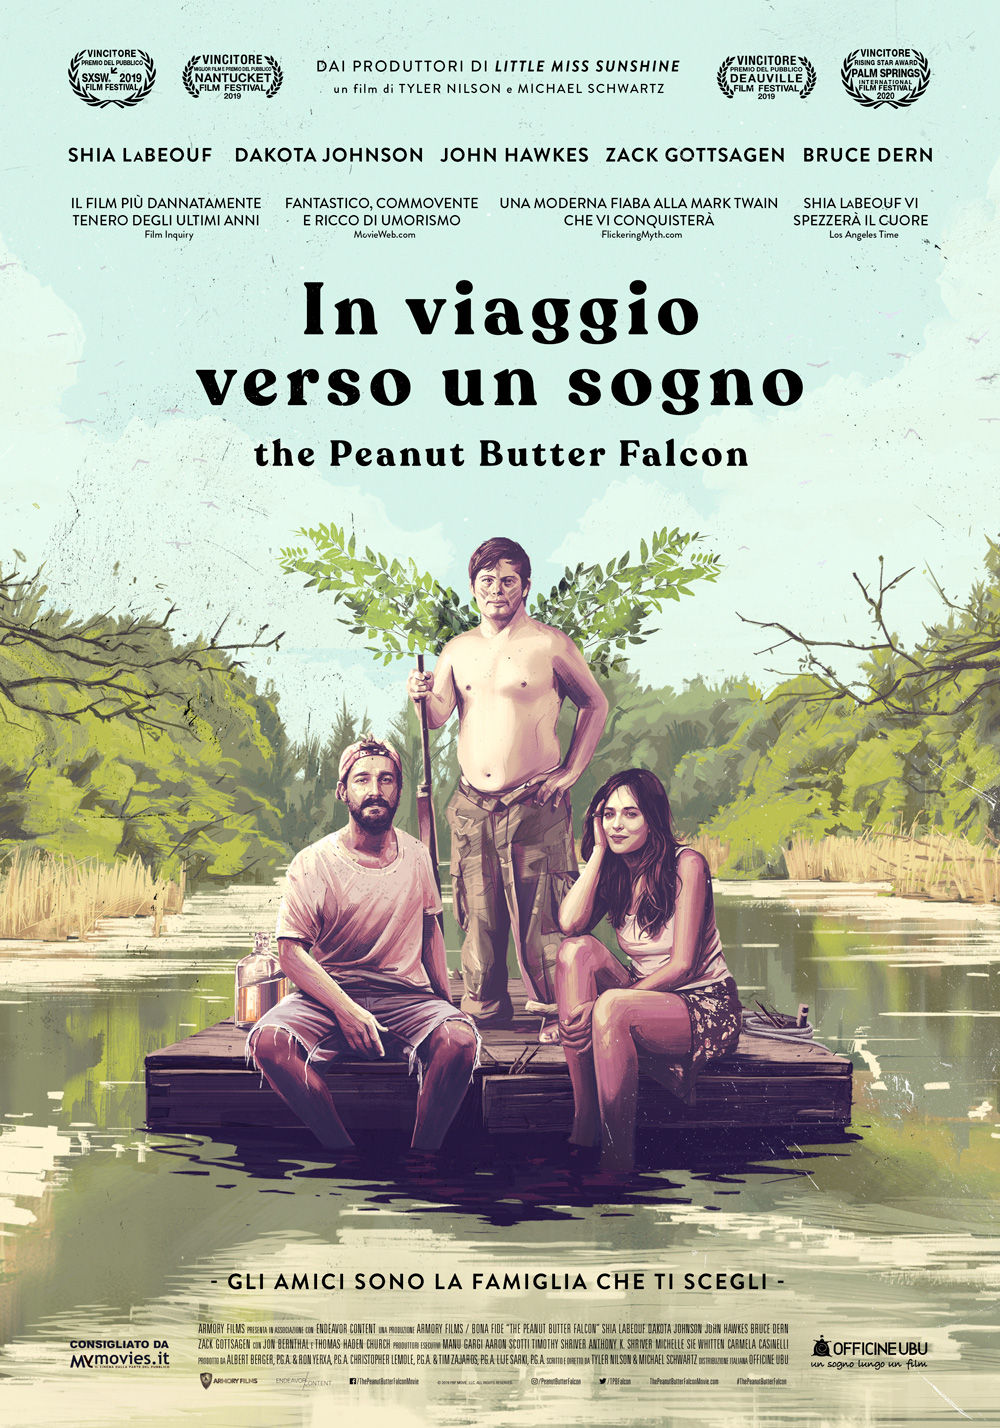 In foto Shia LaBeouf (34 anni) Dall'articolo: In viaggio verso un sogno - The Peanut Butter Falcon, il poster italiano del film.